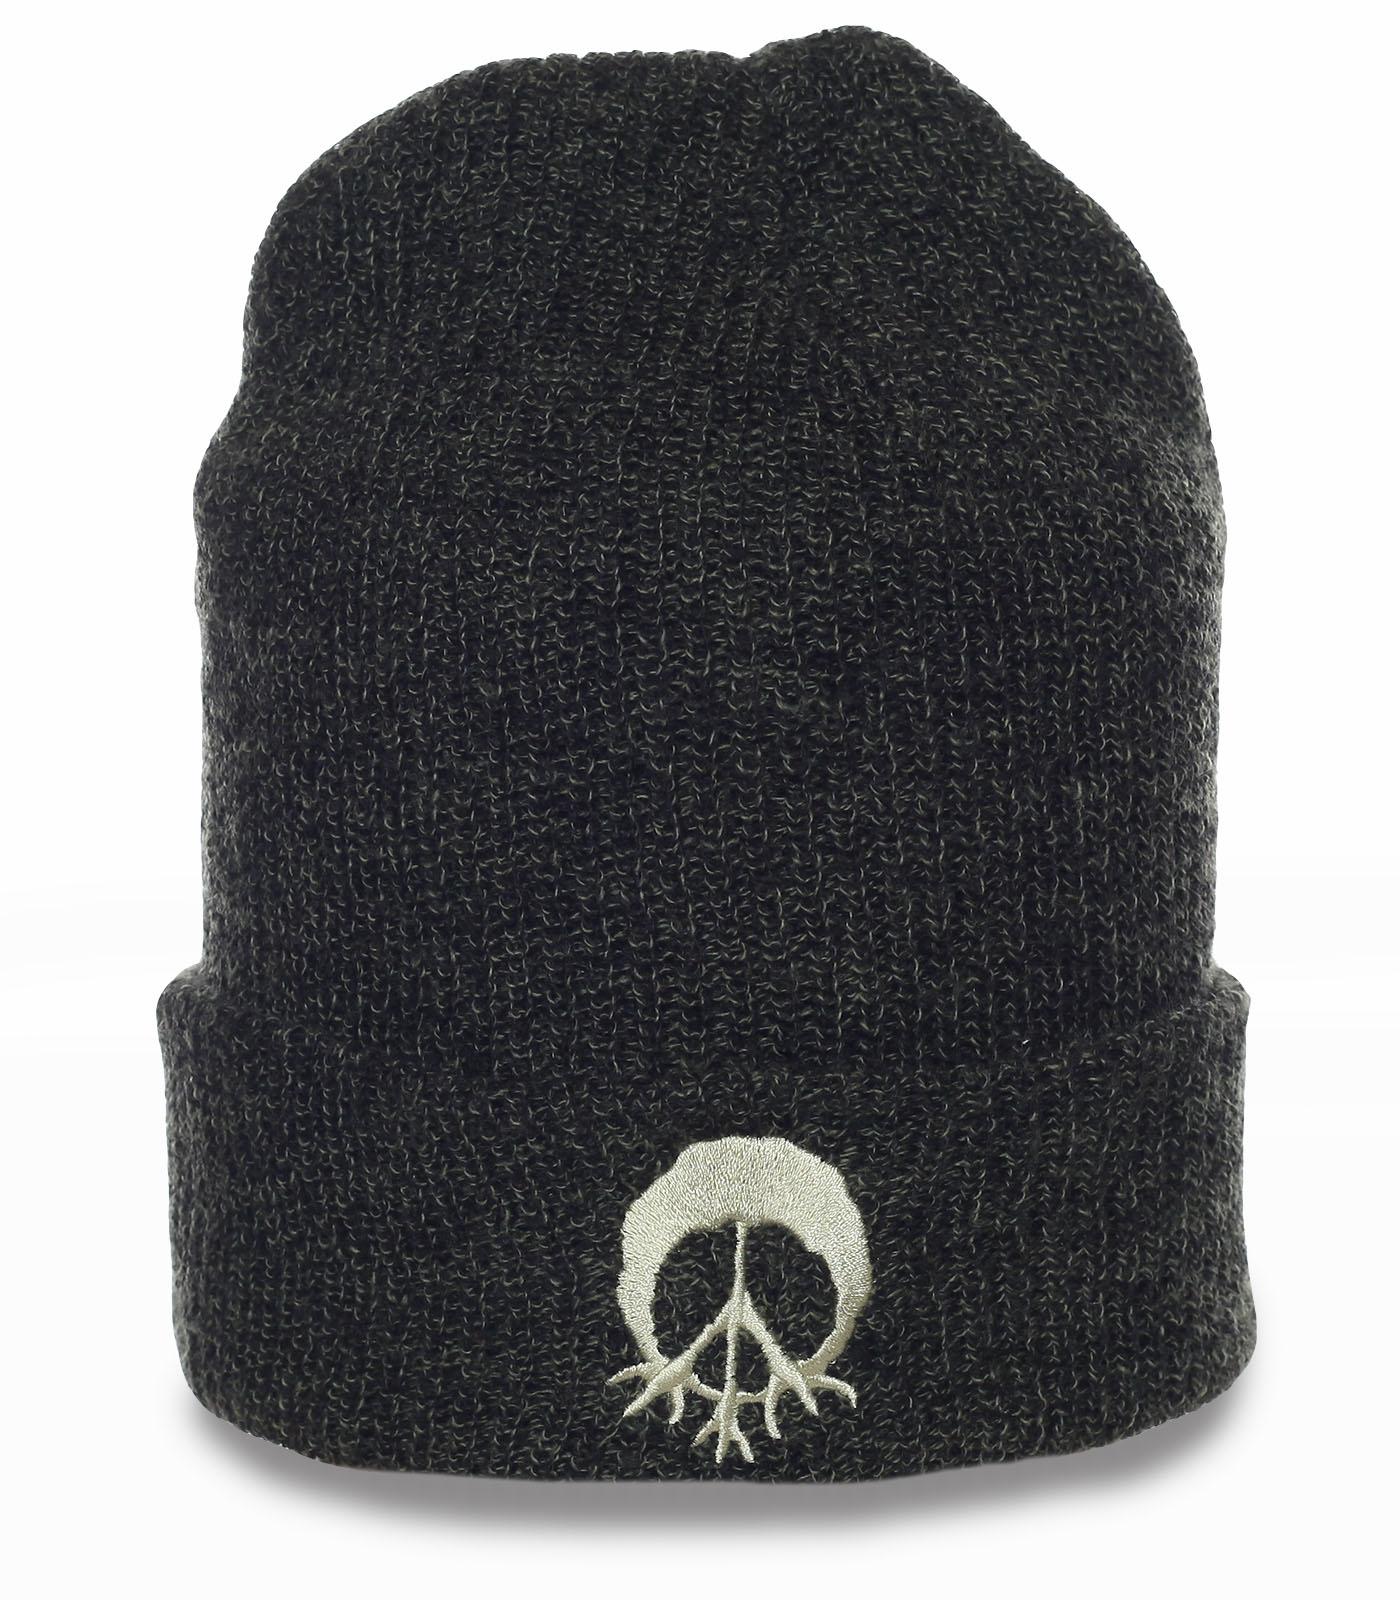 Удобная и теплая мужская шапка на каждый день и для спорта. Головной убор что надо! Заказывай и носи!